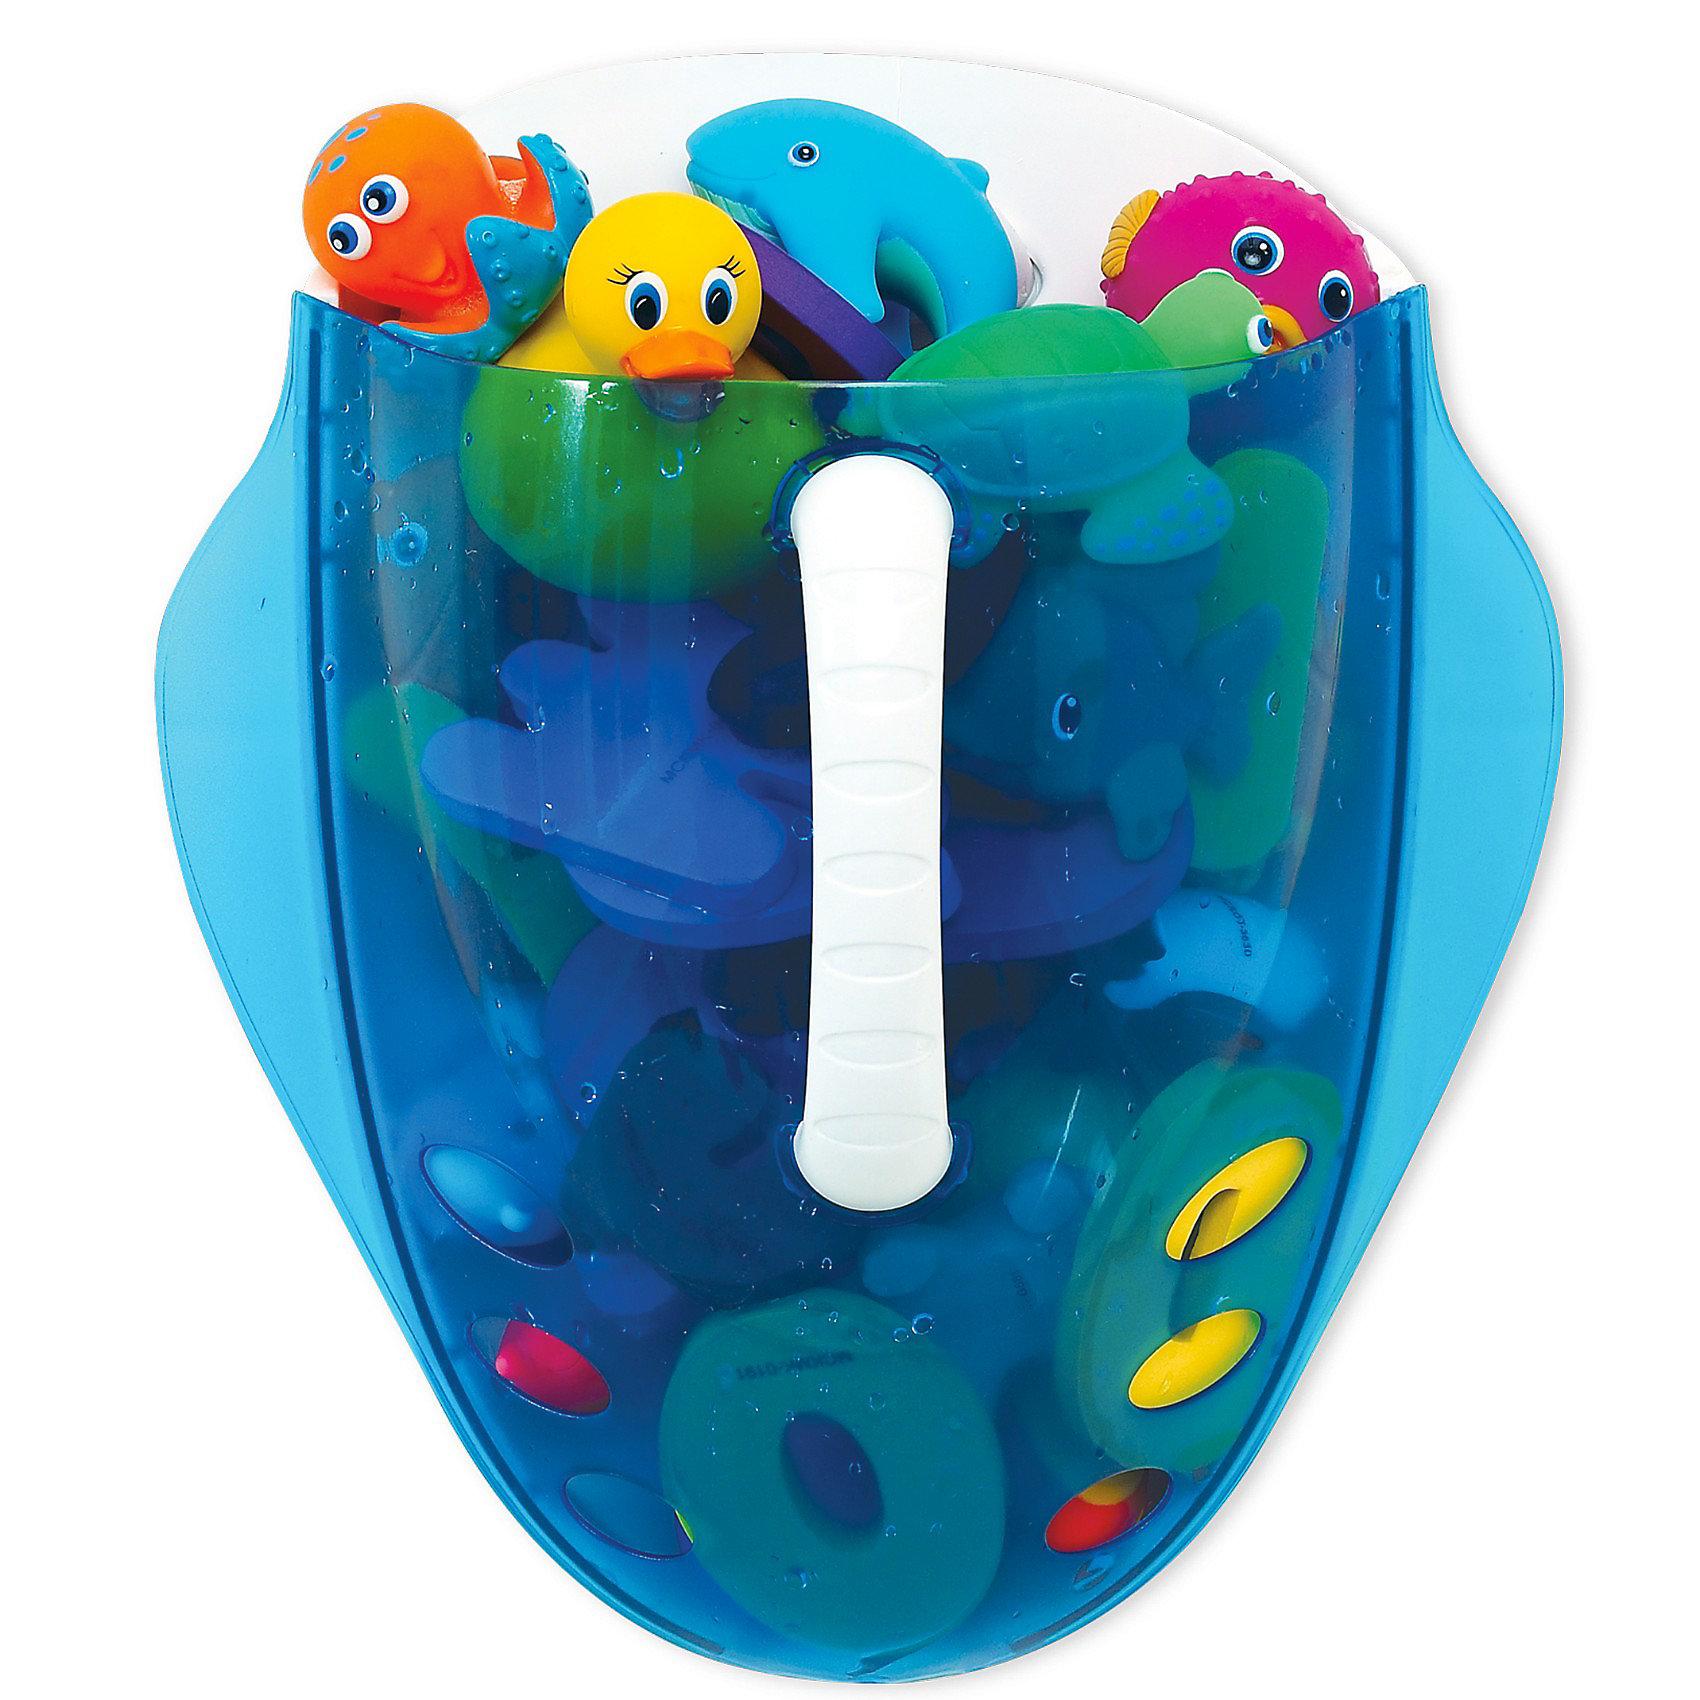 Ковшик для игрушек в ванной MunchkinКувшин для сбора и хранения игрушек в ваннойMunchkin Scoop станет незаменимой вещью для всех любителей плескаться в пене с забавными игрушками!<br><br>Каждому родителю хочется, чтобы малыш купался с удовольствием, но при этом в ванной комнате поддерживался порядок. Если Вы не любите собирать мокрые игрушки, то Вам обязательно понравится кувшин Munchkin Scoop!<br><br>С помощью этого практичного кувшина Вы сможете быстро собрать игрушки для купания, просто зачерпнув их в воде, а благодаря прозрачному корпусу видно, какие игрушки находятся внутри. Через отверстия в нижней части кувшина вода быстро вытекает из него, а удобный крючок позволит легко подвесить кувшин в удобном для Вас месте и хранить в нем игрушки для следующего купания!<br><br>Дополнительная информация:<br><br>- быстрый и просто способ собирать игрушки из ванной<br>- тонированная прозрачная поверхность позволяет видеть игрушки<br>- отверстия в нижней части обеспечивают слив воды<br>- имеется крючок для подвешивания <br>- игрушки в комплект не входят<br>- Размер ковшика: 27 см х 31 см х 16 см.<br>- Размер упаковки: 29 см х 32,5 см х 16,5 см.<br><br>Кредо Munchkin, американской компании с 20-летней историей, - избавить мир от надоевших и прозаических товаров, искать умные инновационные решения, которые превращают обыденные задачи в опыт, приносящий удовольствие. Понимая, что наибольшее значение в быту имеют именно мелочи, компания создает уникальные товары, которые помогают поддерживать порядок, организовывать пространство, облегчают уход за детьми. Недаром компания имеет уже более 140 патентов и изобретений, используемых в создании ее неповторимой и оригинальной продукции. Munchkin делает жизнь родителей легче!<br><br>Ширина мм: 360<br>Глубина мм: 320<br>Высота мм: 180<br>Вес г: 600<br>Возраст от месяцев: 0<br>Возраст до месяцев: 48<br>Пол: Унисекс<br>Возраст: Детский<br>SKU: 3174948